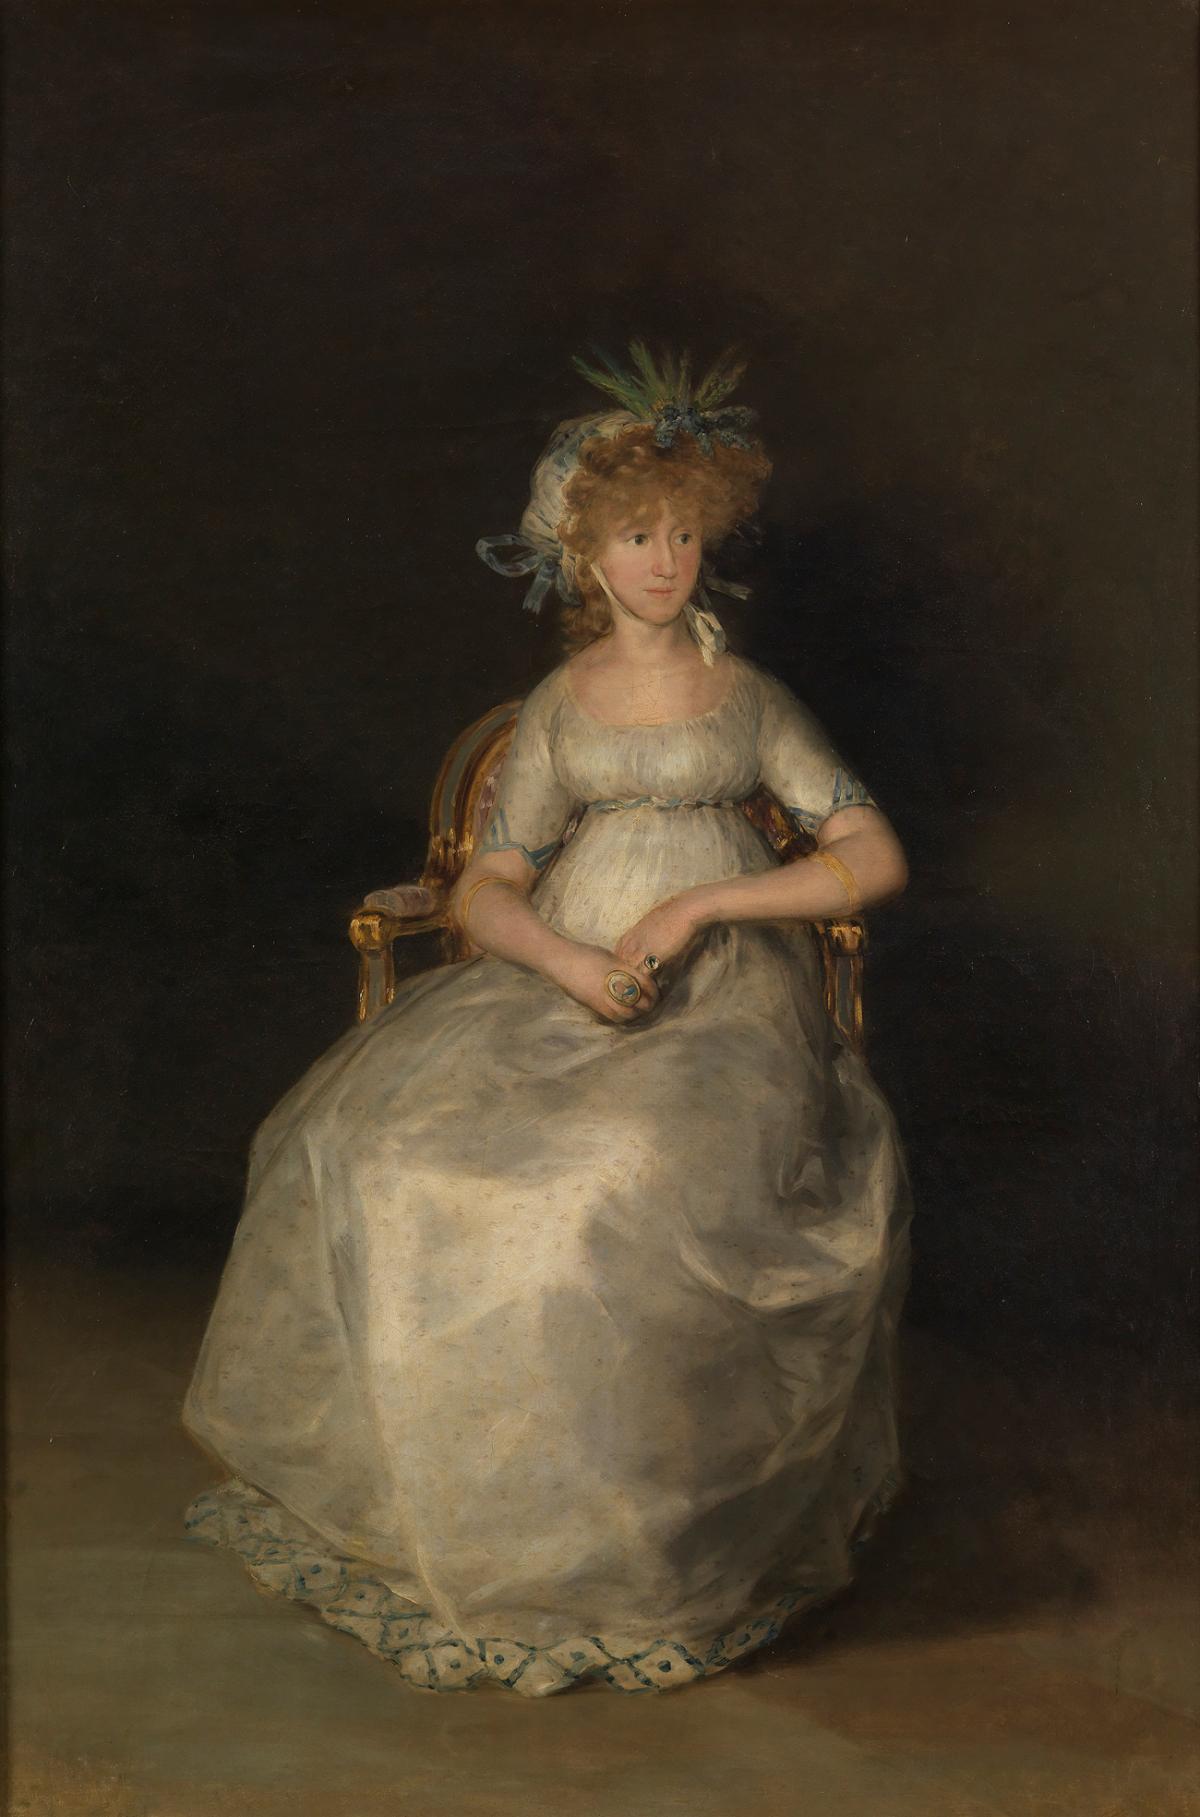 Radiografiando a Goya